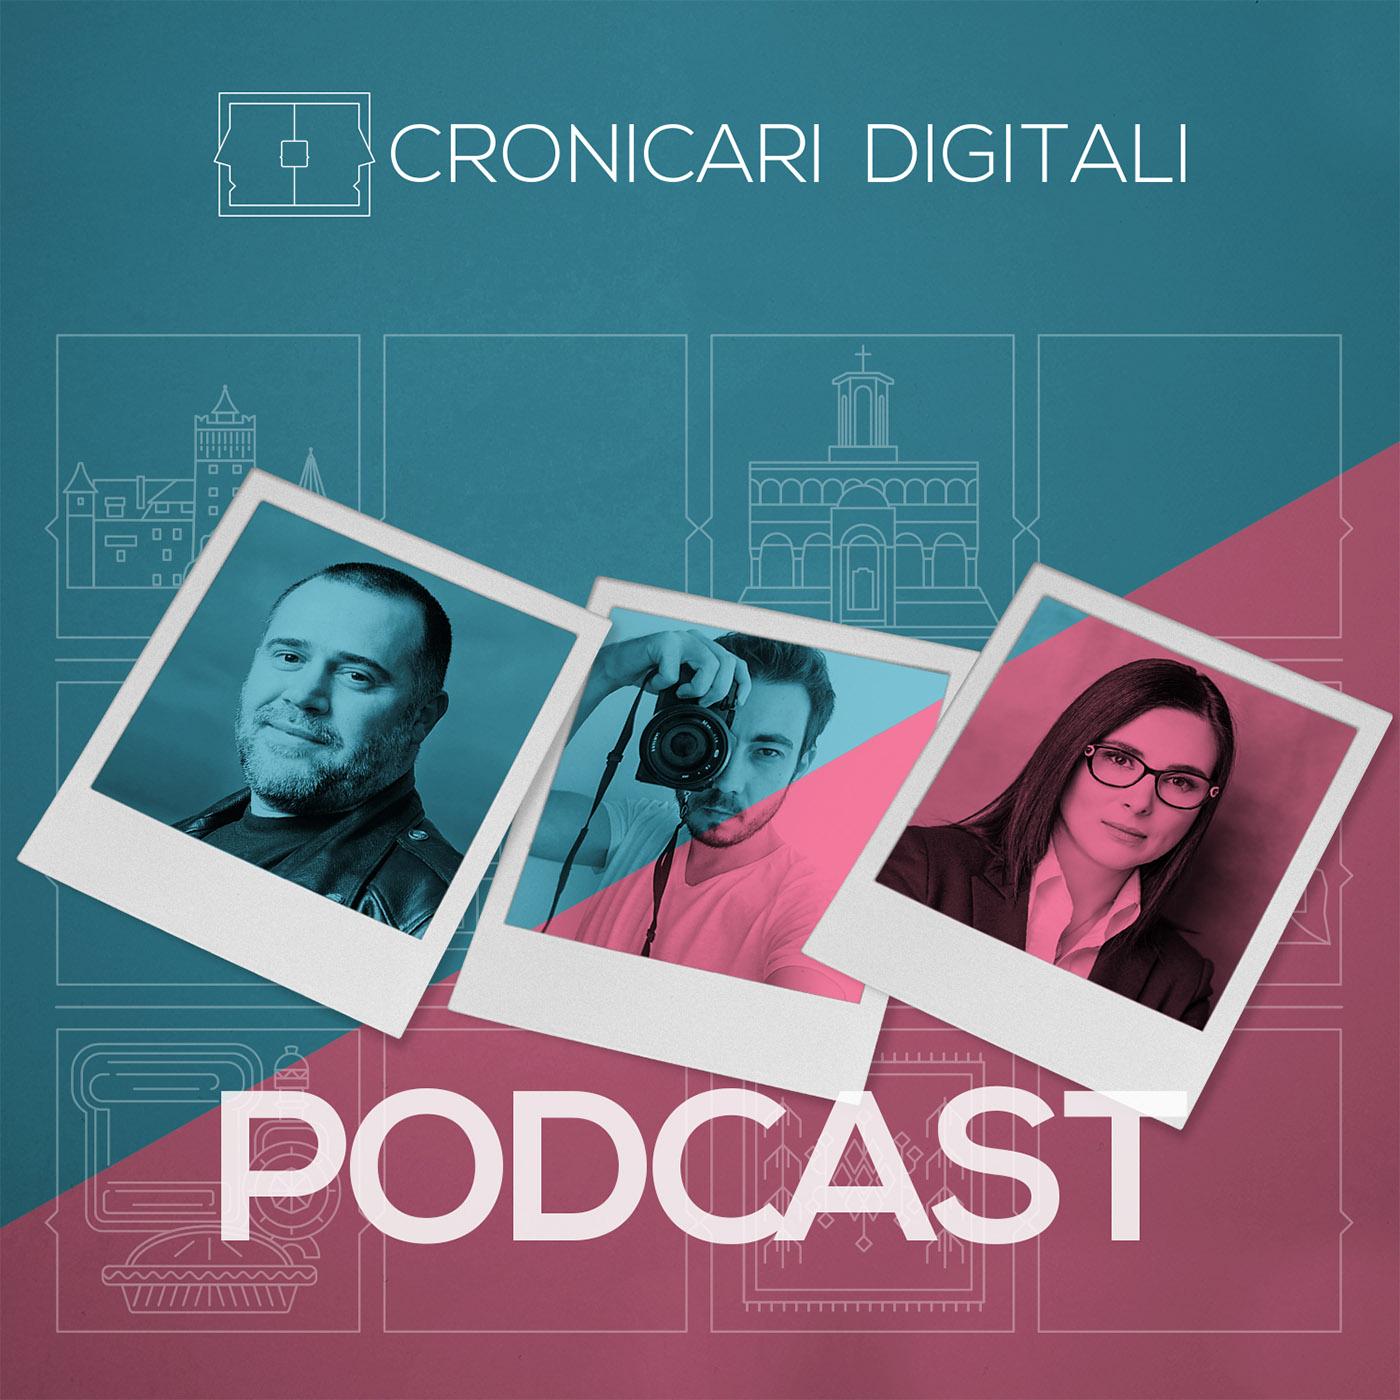 #cronicaridigitali S1 episod 11, Invitați Bogdan Naumovici & Radu Niță & Ruxandra Vodă, moderator Cristian Șimonca, aka Blogu lu' Otravă